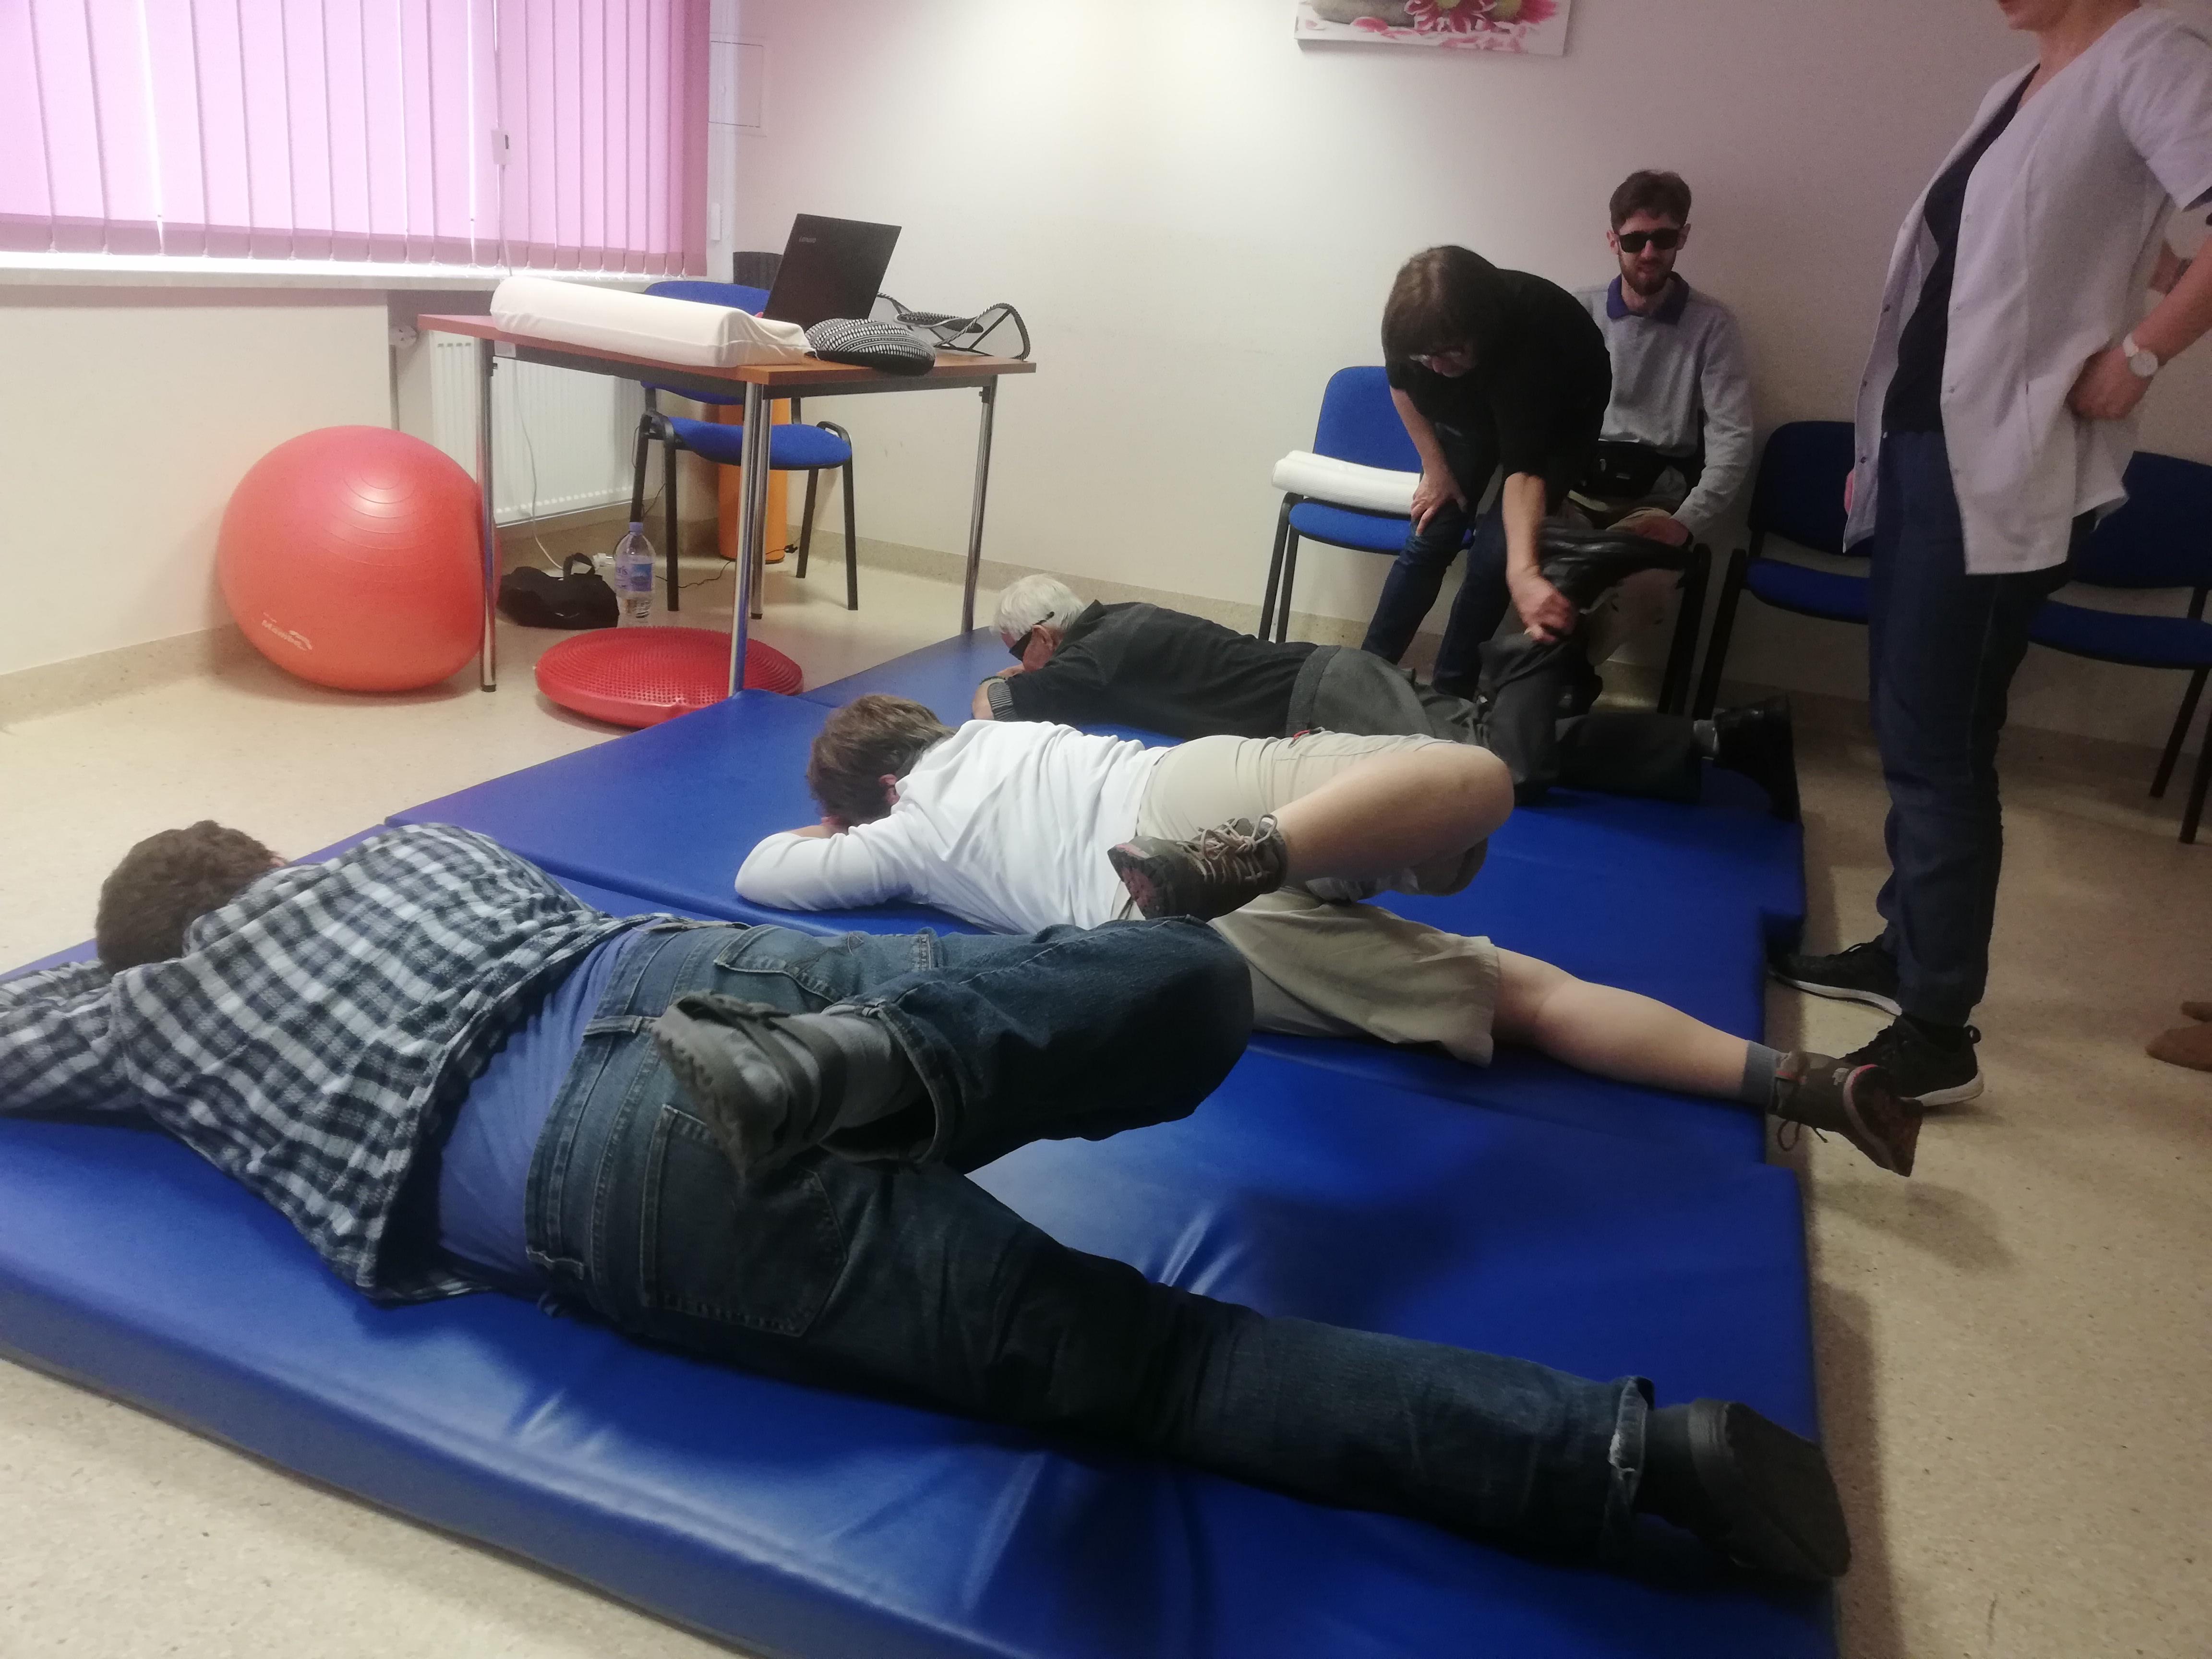 Dwie osoby ćwiczą synchronicznie leżąc na brzuchu, na niebieskich materacach. Są widoczne podczas odchylania w lewo zgiętej w kolanie prawej kończyny. Ubrane są odpowiednio w koszulę w kratkę i biały T - shirt. W lewym rogu tuż obok biurka leży duża czerwona piłka.